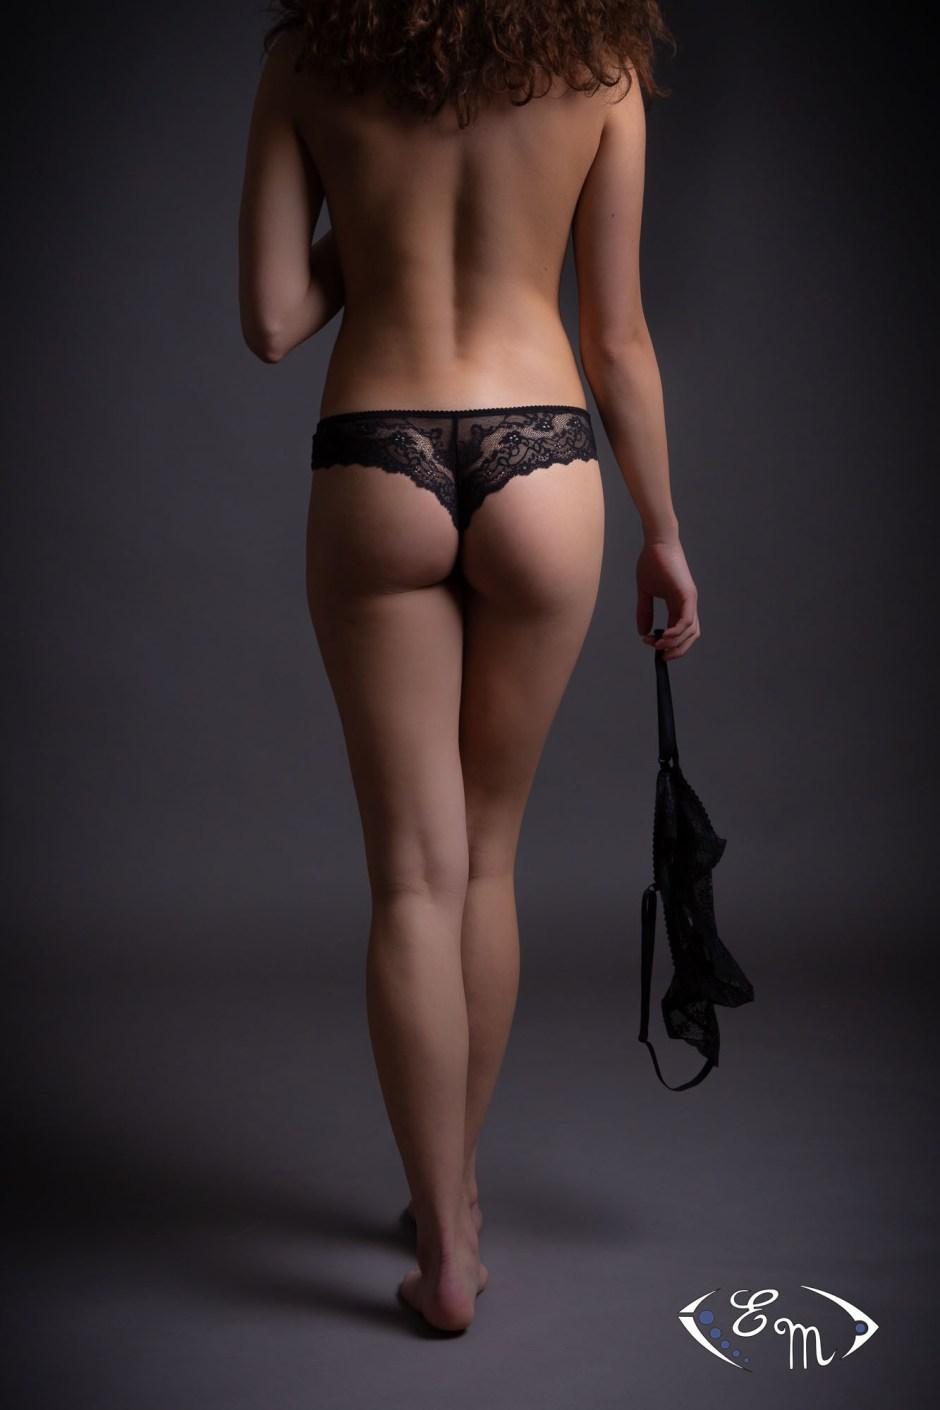 patron de couture, patron de lingerie, patron PDF, couture, tanga, boxer, culotte, shorty, soutien-gorge, soutien gorge, dessous, dentelle, lycra